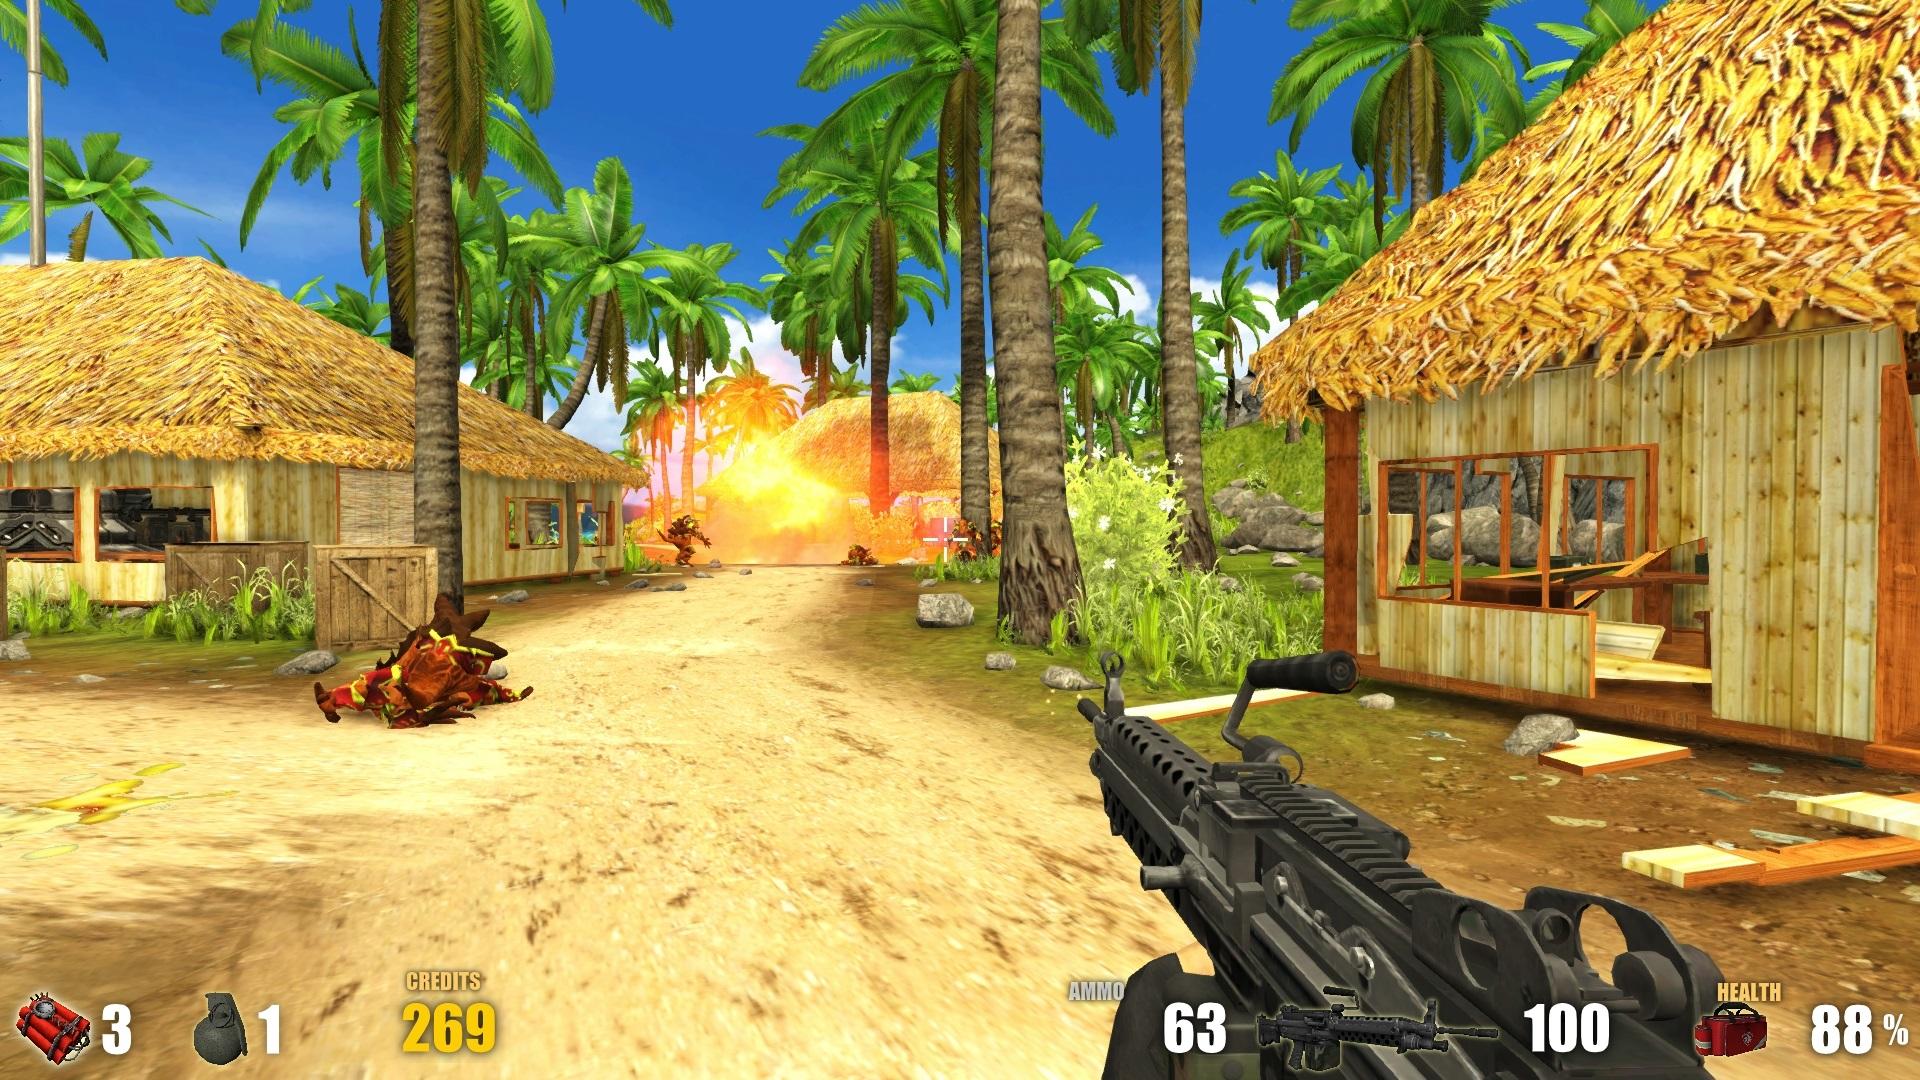 com.steam.810800-screenshot